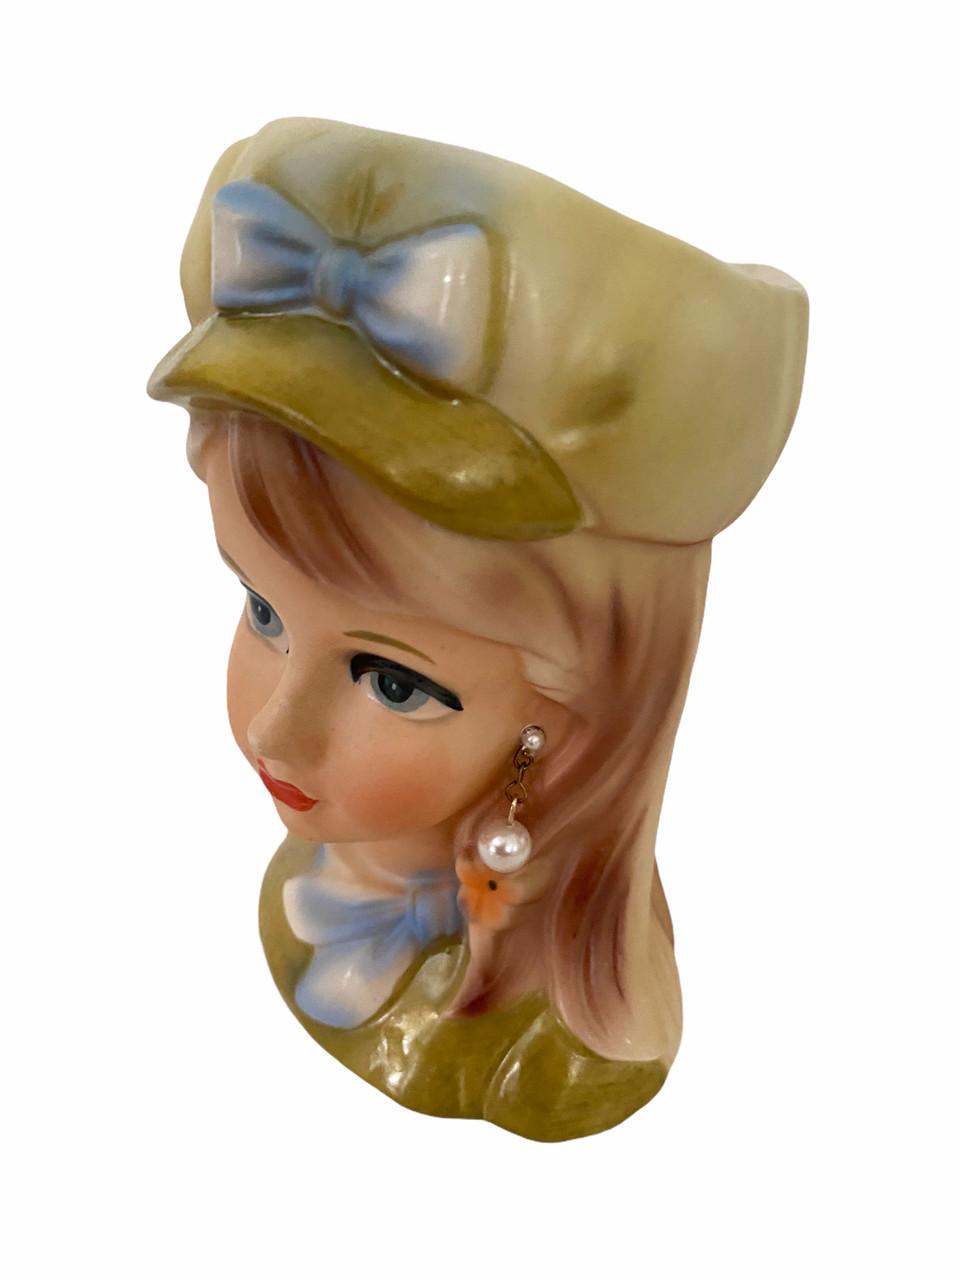 Vintage Lady Head Vase Rubens 4155 in Hat